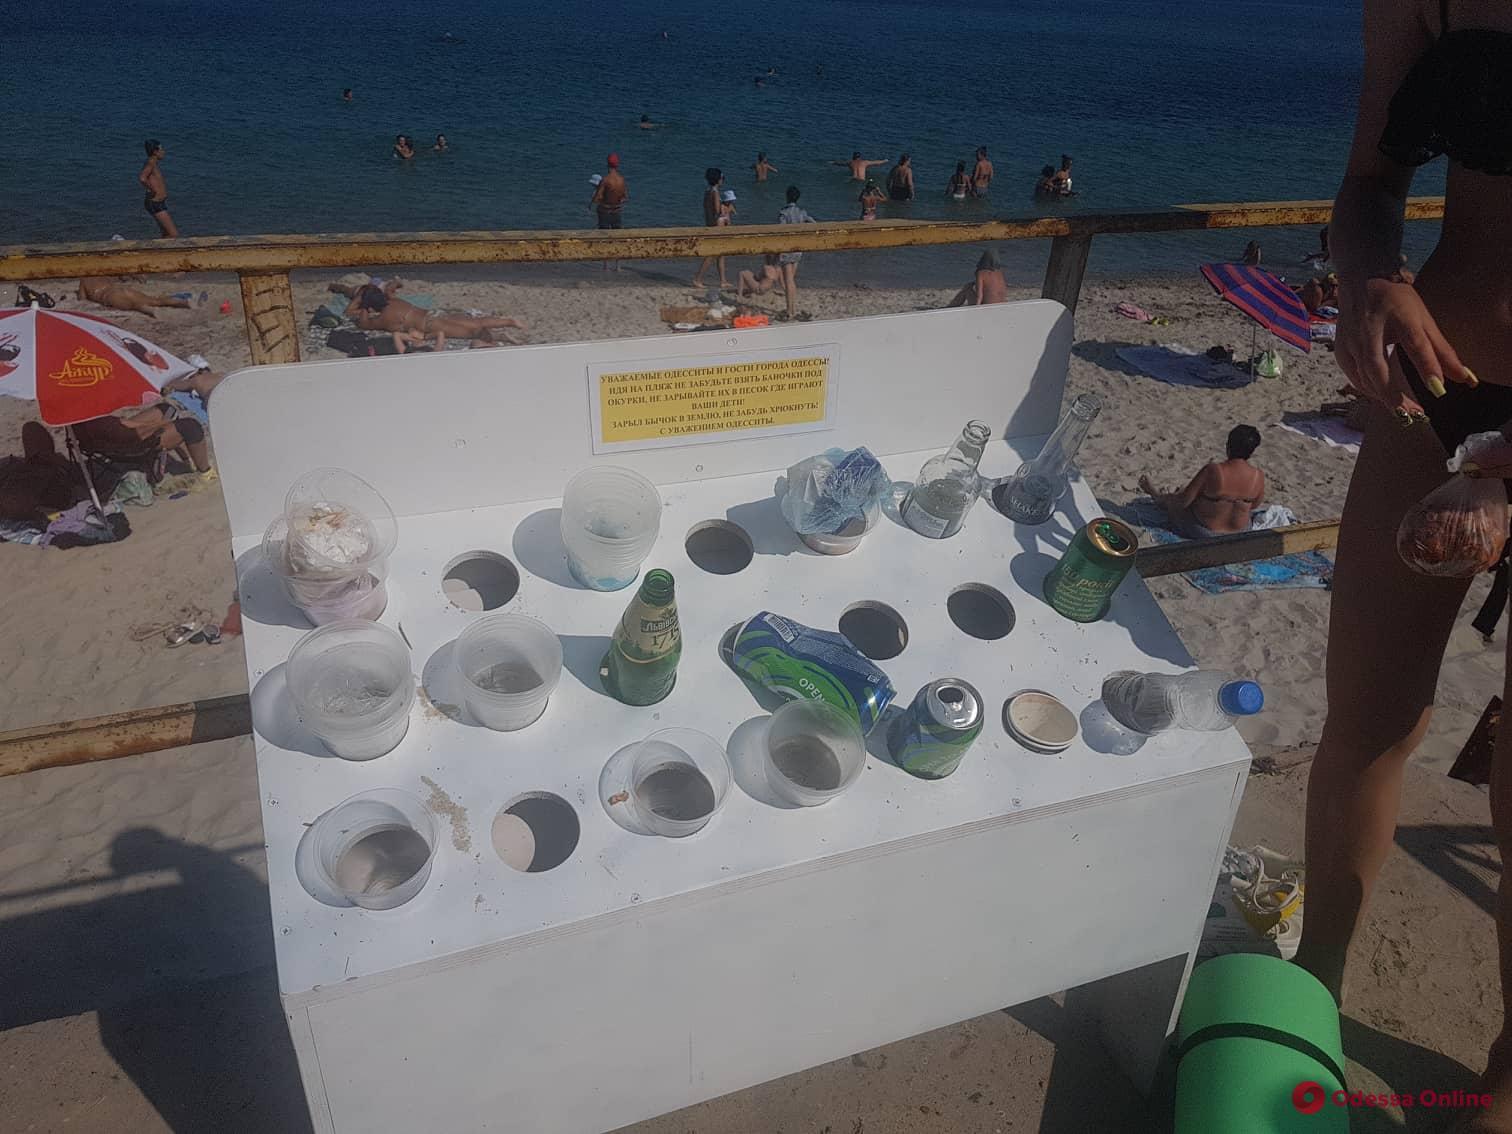 На одесском пляже появился необычный стенд для сбора стаканчиков и бутылок (фото)